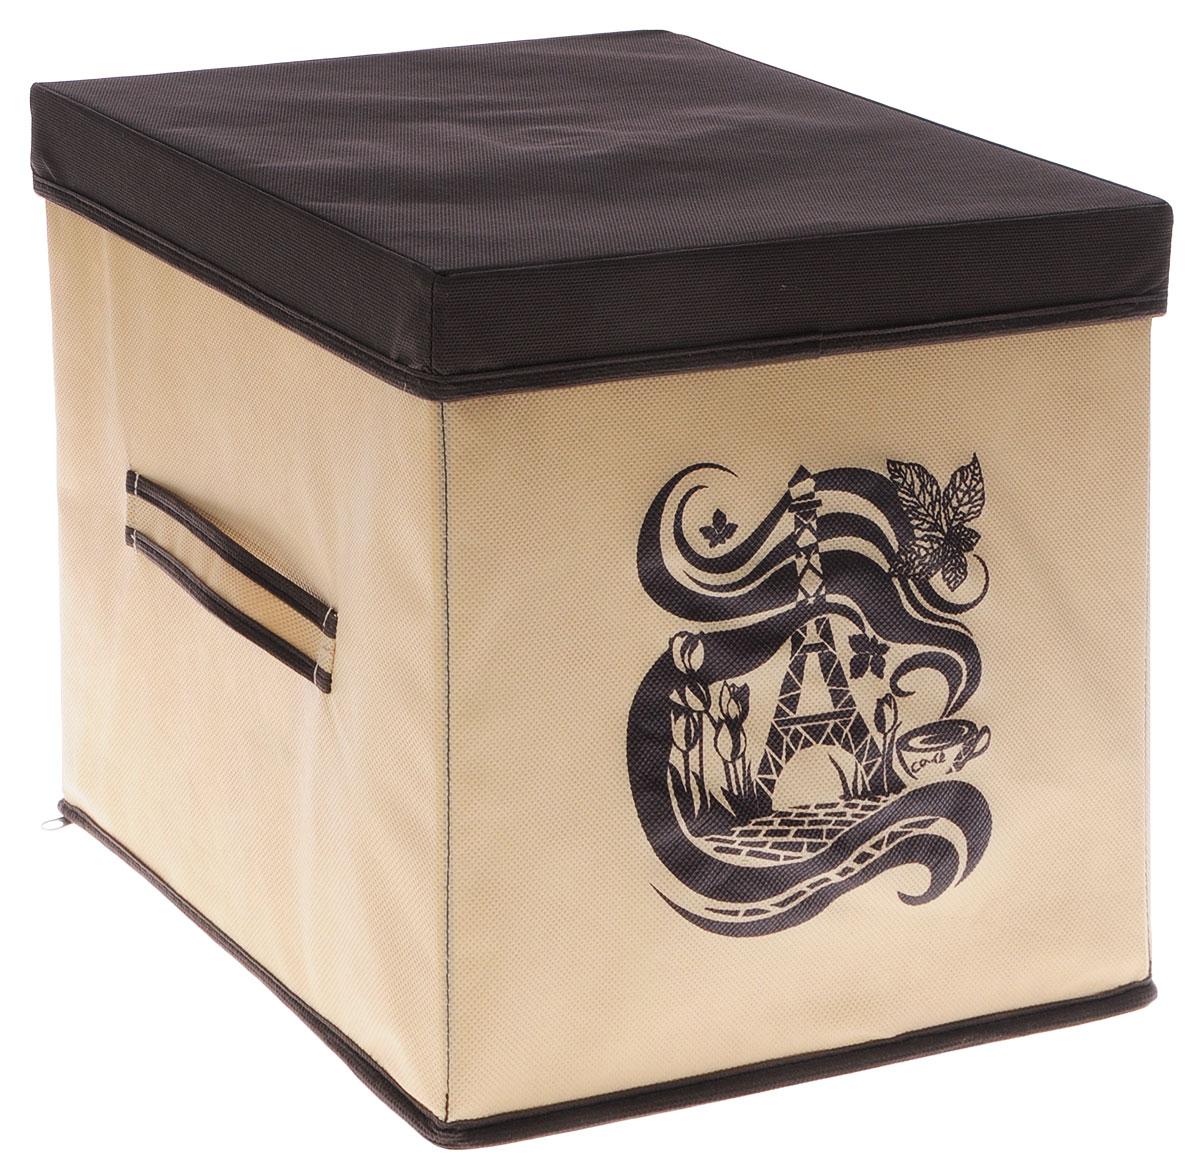 Коробка для вещей и игрушек Все на местах Париж, с крышкой, цвет: коричневый, бежевый, 30 х 30 х 30 см04752-X51-00Коробка с крышкой Все на местах выполнена из высококачественного нетканого материала, который обеспечивает естественную вентиляцию и предназначен для хранения вещей или игрушек. Он защитит вещи от повреждений, пыли, влаги и загрязнений во время хранения и транспортировки. Размер коробки: 30 х 30 х 30 см.